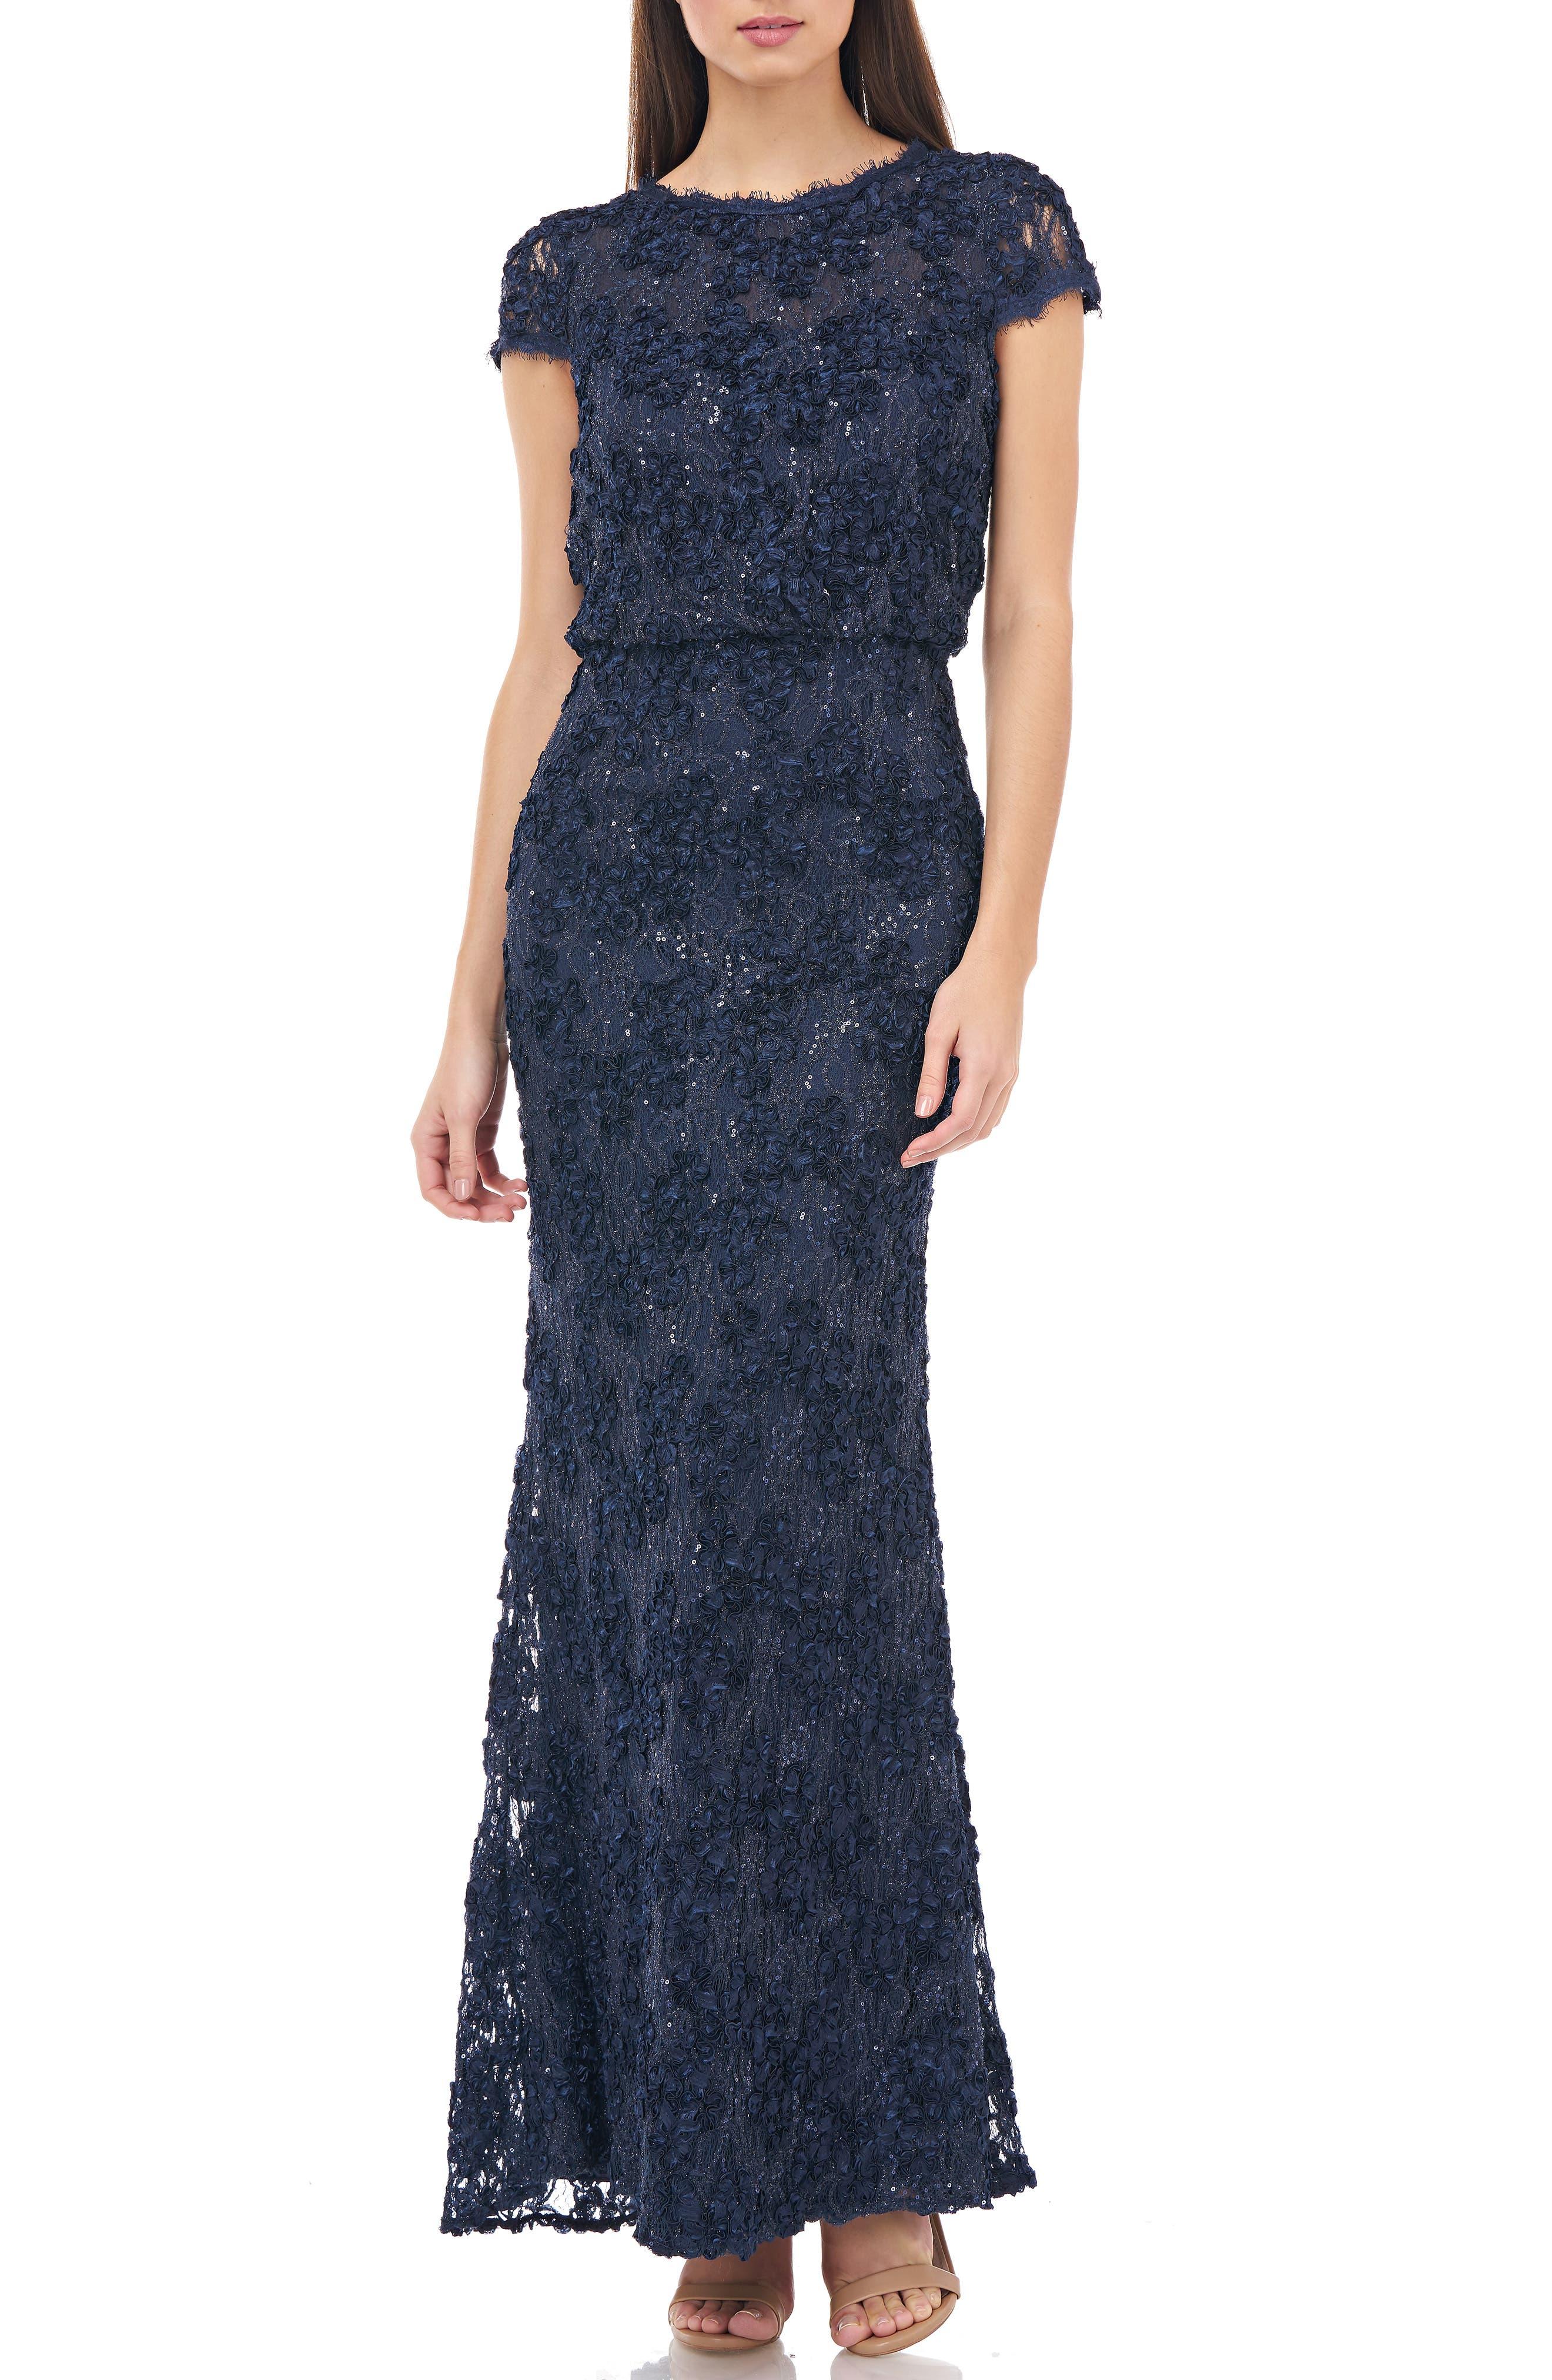 Navy Blue Lace Dresses